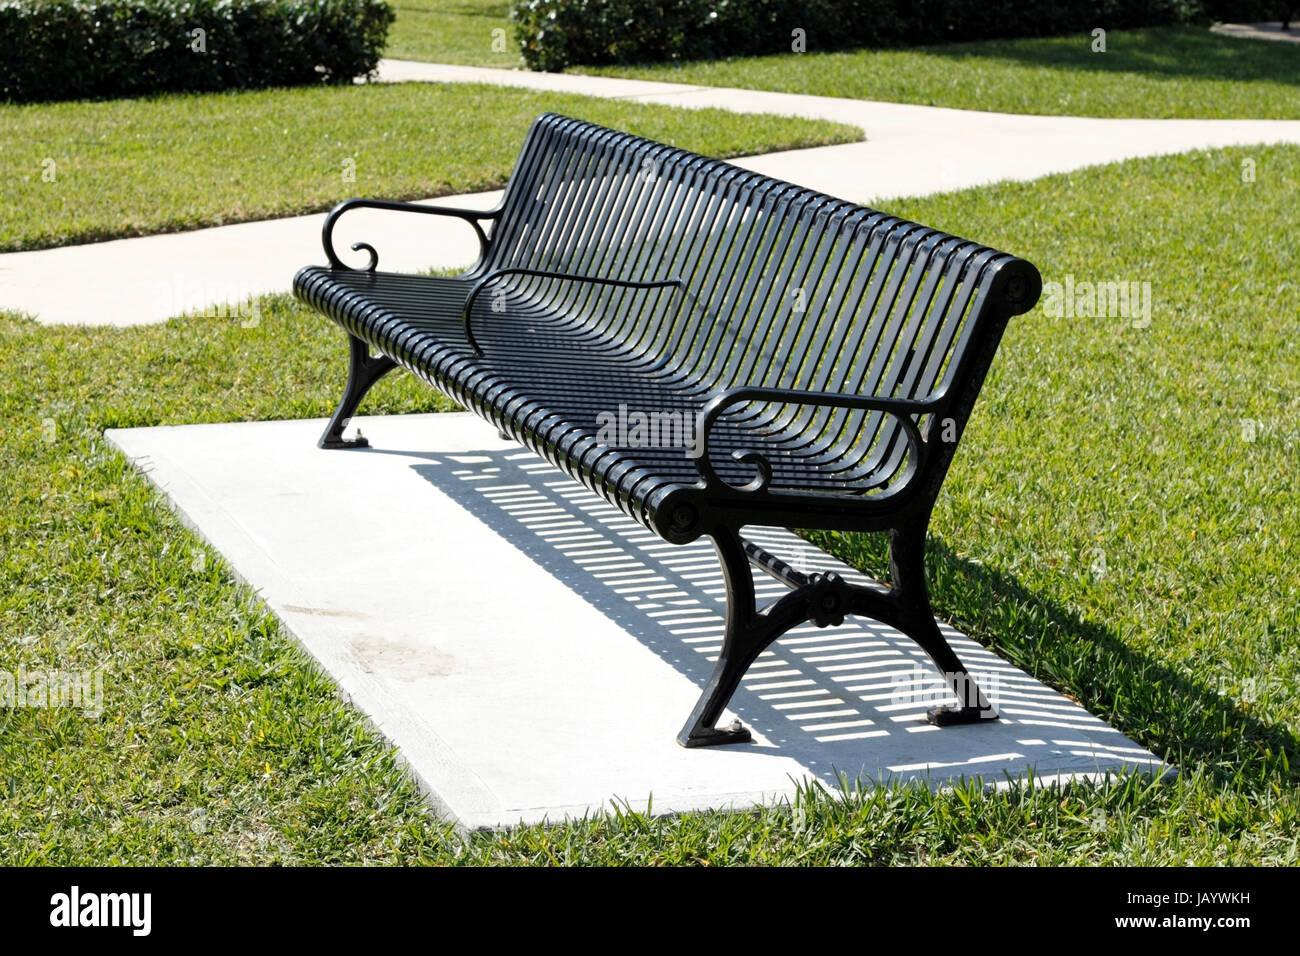 Black Metal Two Seat Park Bench On A Concrete Slab